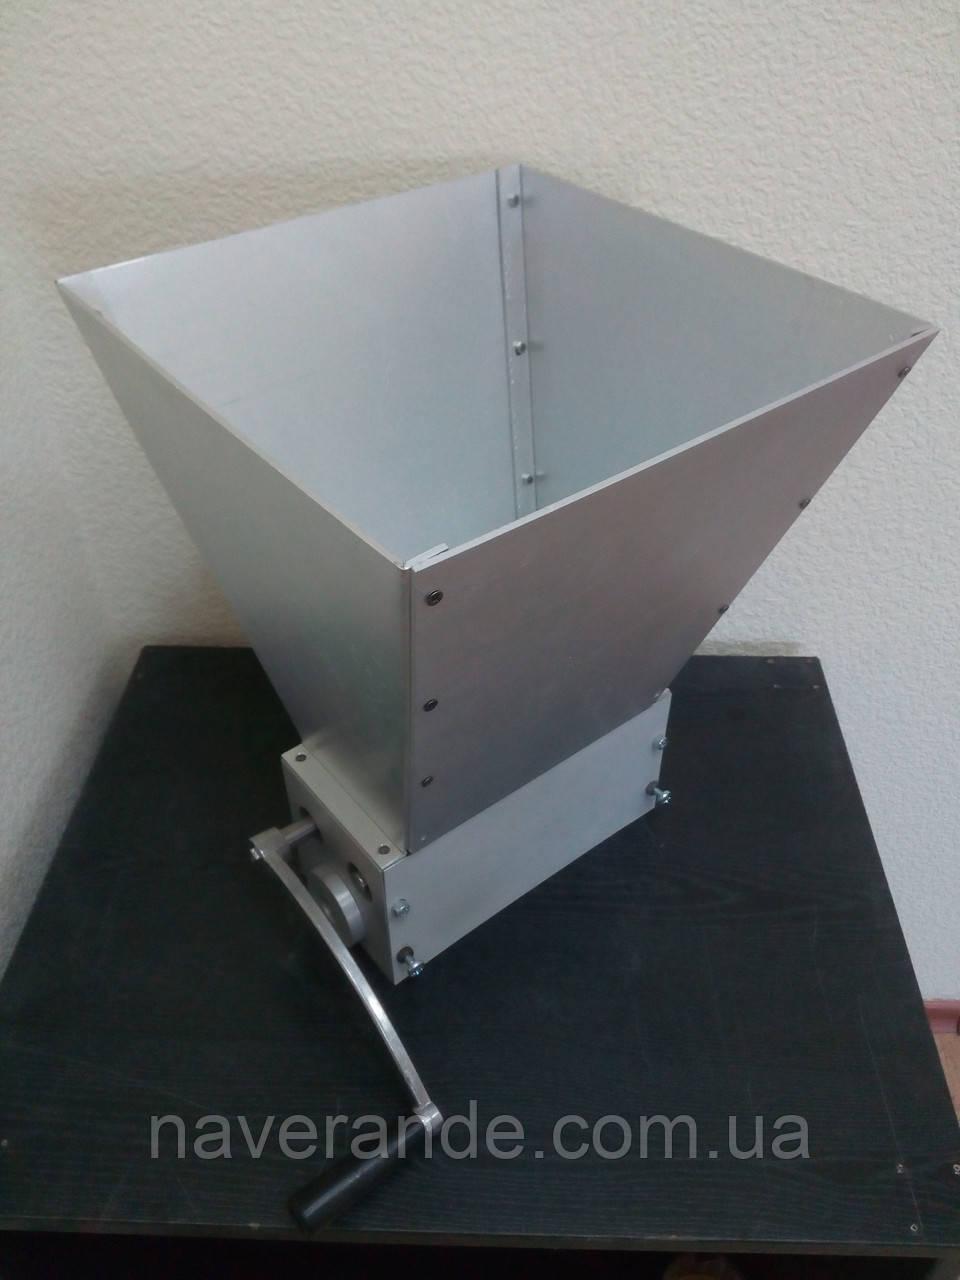 Мельница для солода трех-вальцовая с бункером и ручкой (56х200мм) - Снята с производства